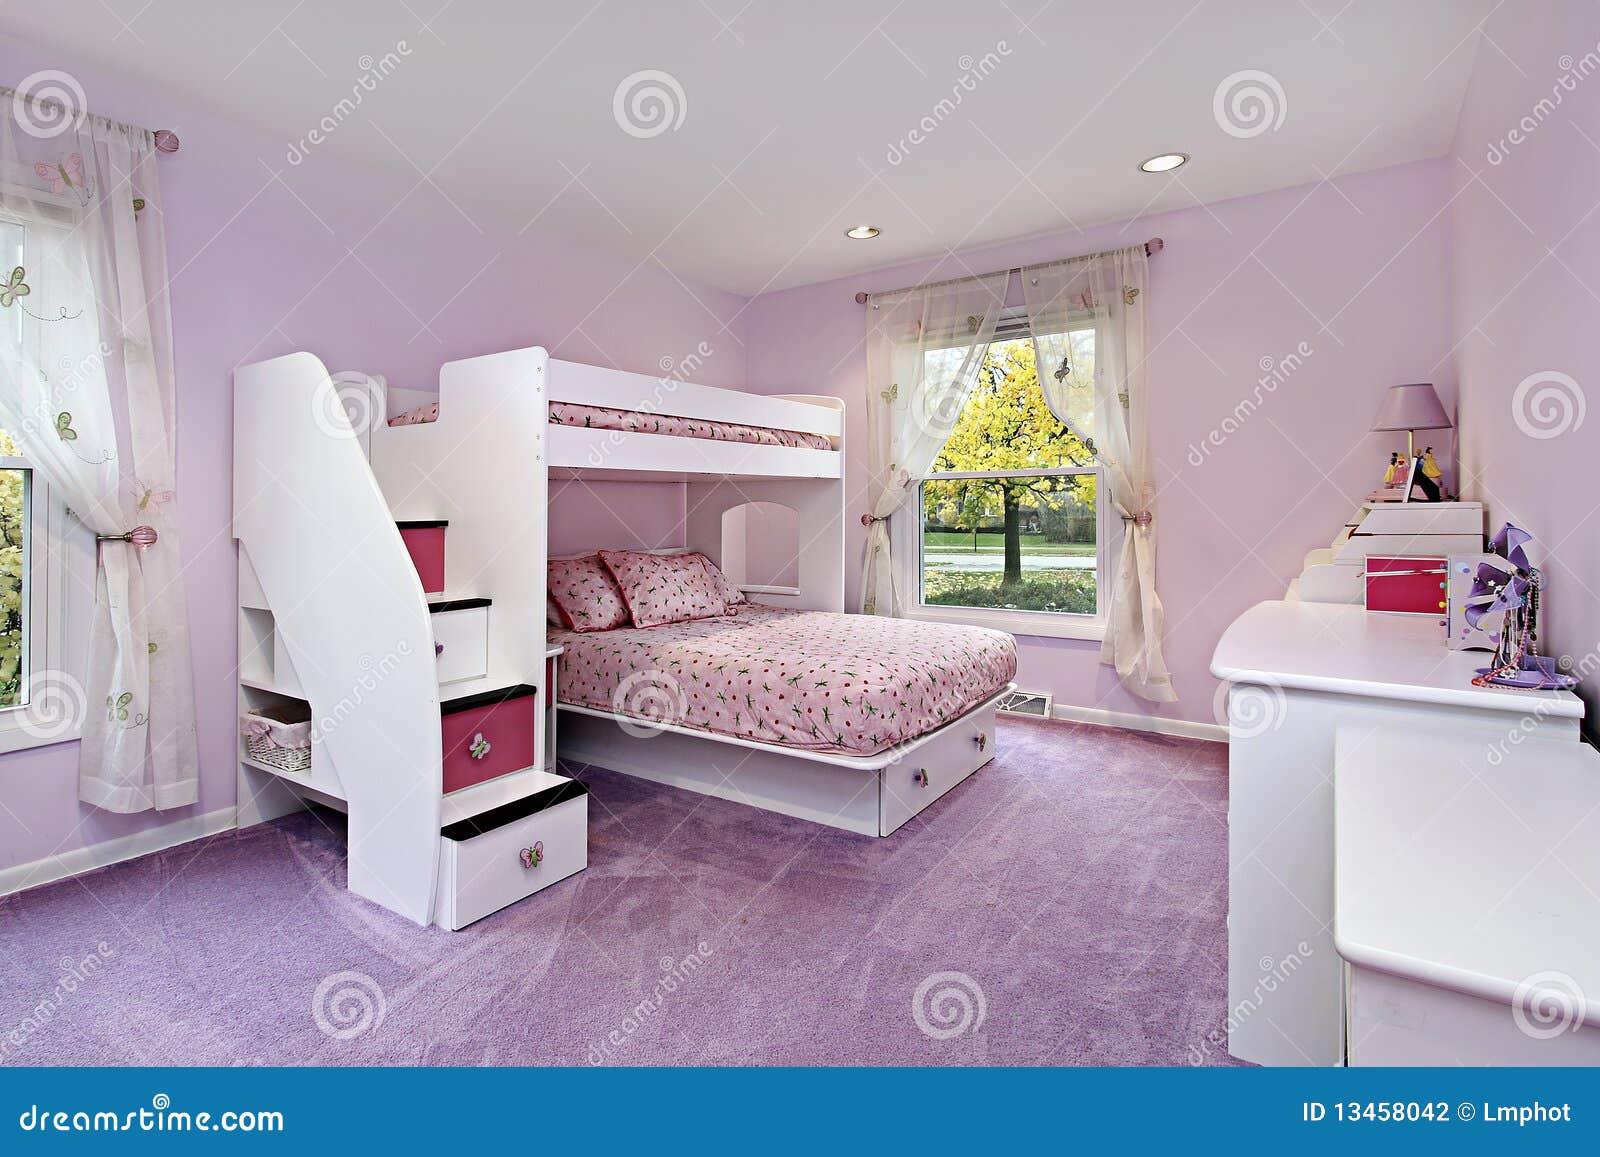 Lighting Home Decor Quarto Da Menina Com Cama De Beliche Fotografia De Stock